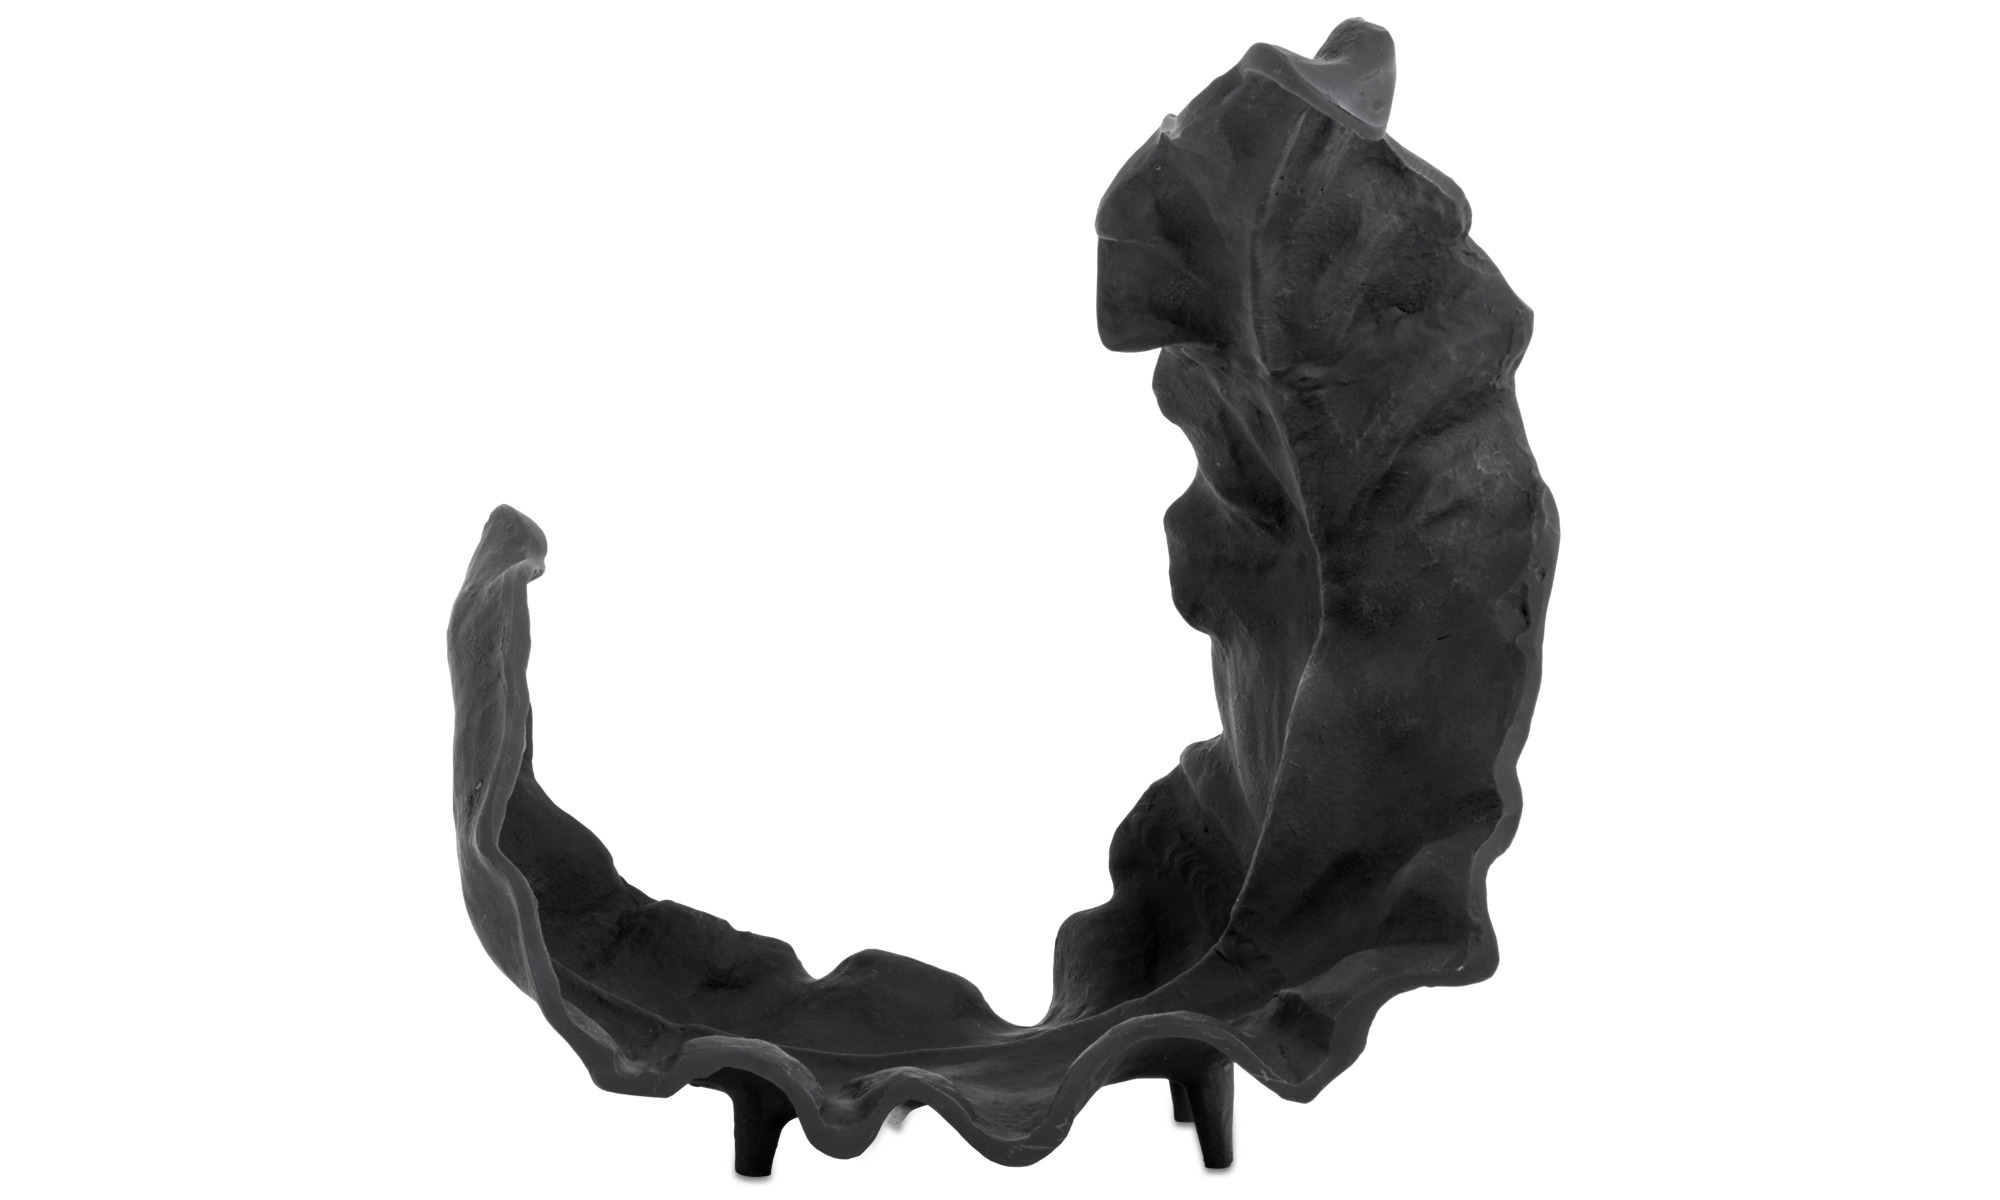 Dekoracja - Rzeźba Mango leaf - Czarny - Aluminium